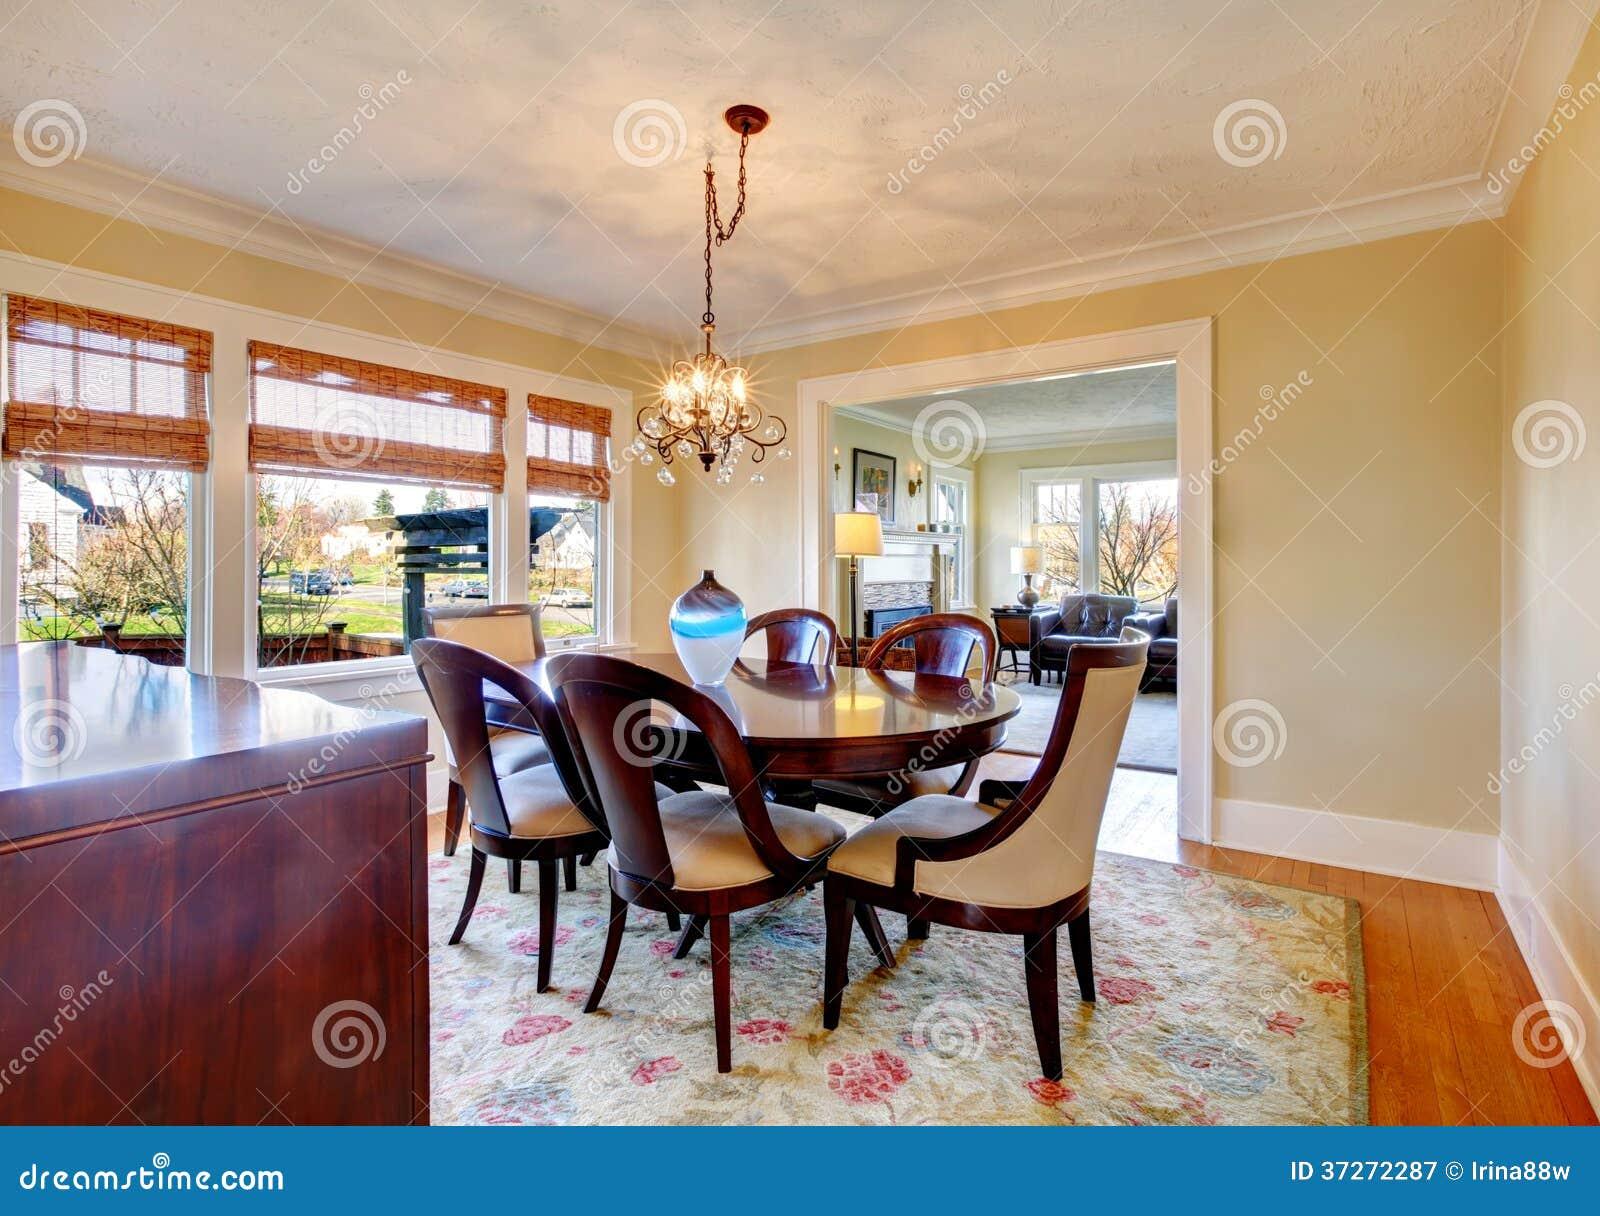 Esszimmer beige elegant unikat mbel unikat mbel wand beige braun frisch innerhalb esszimmer - Dunkelblaue couch welche wandfarbe ...